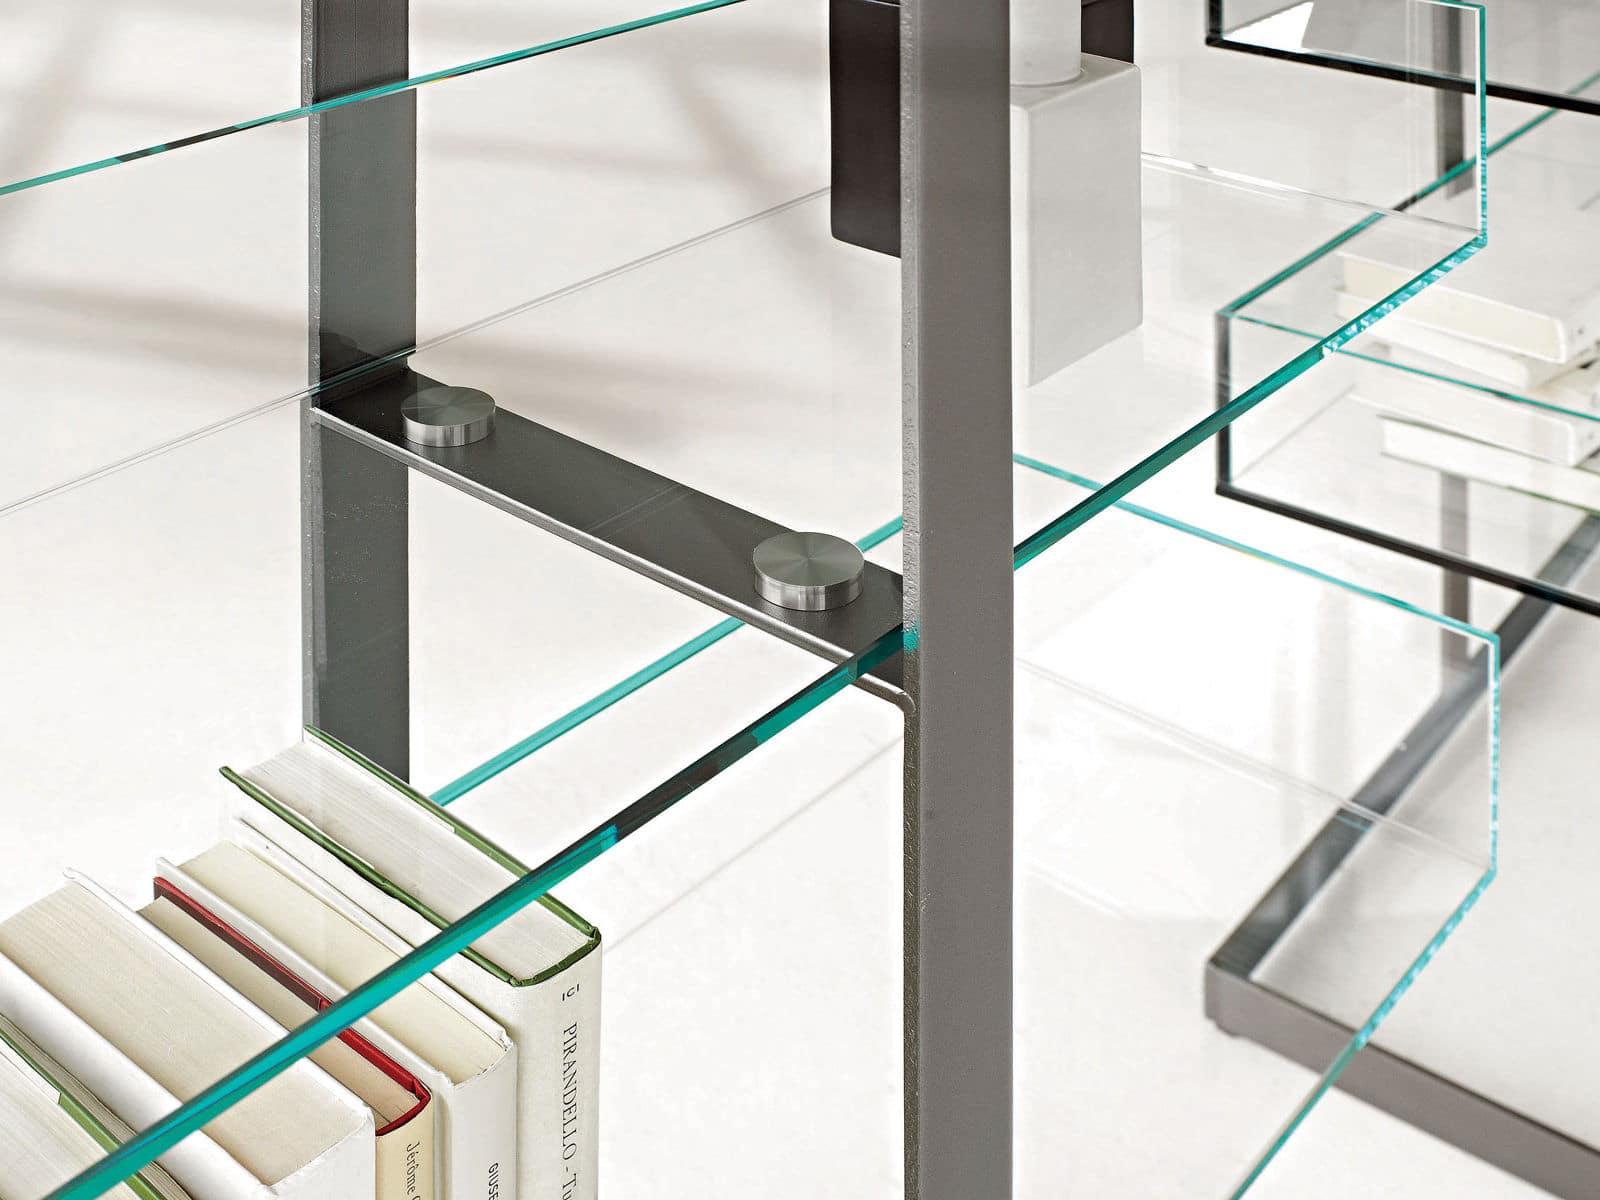 Libreria Libra in vetro